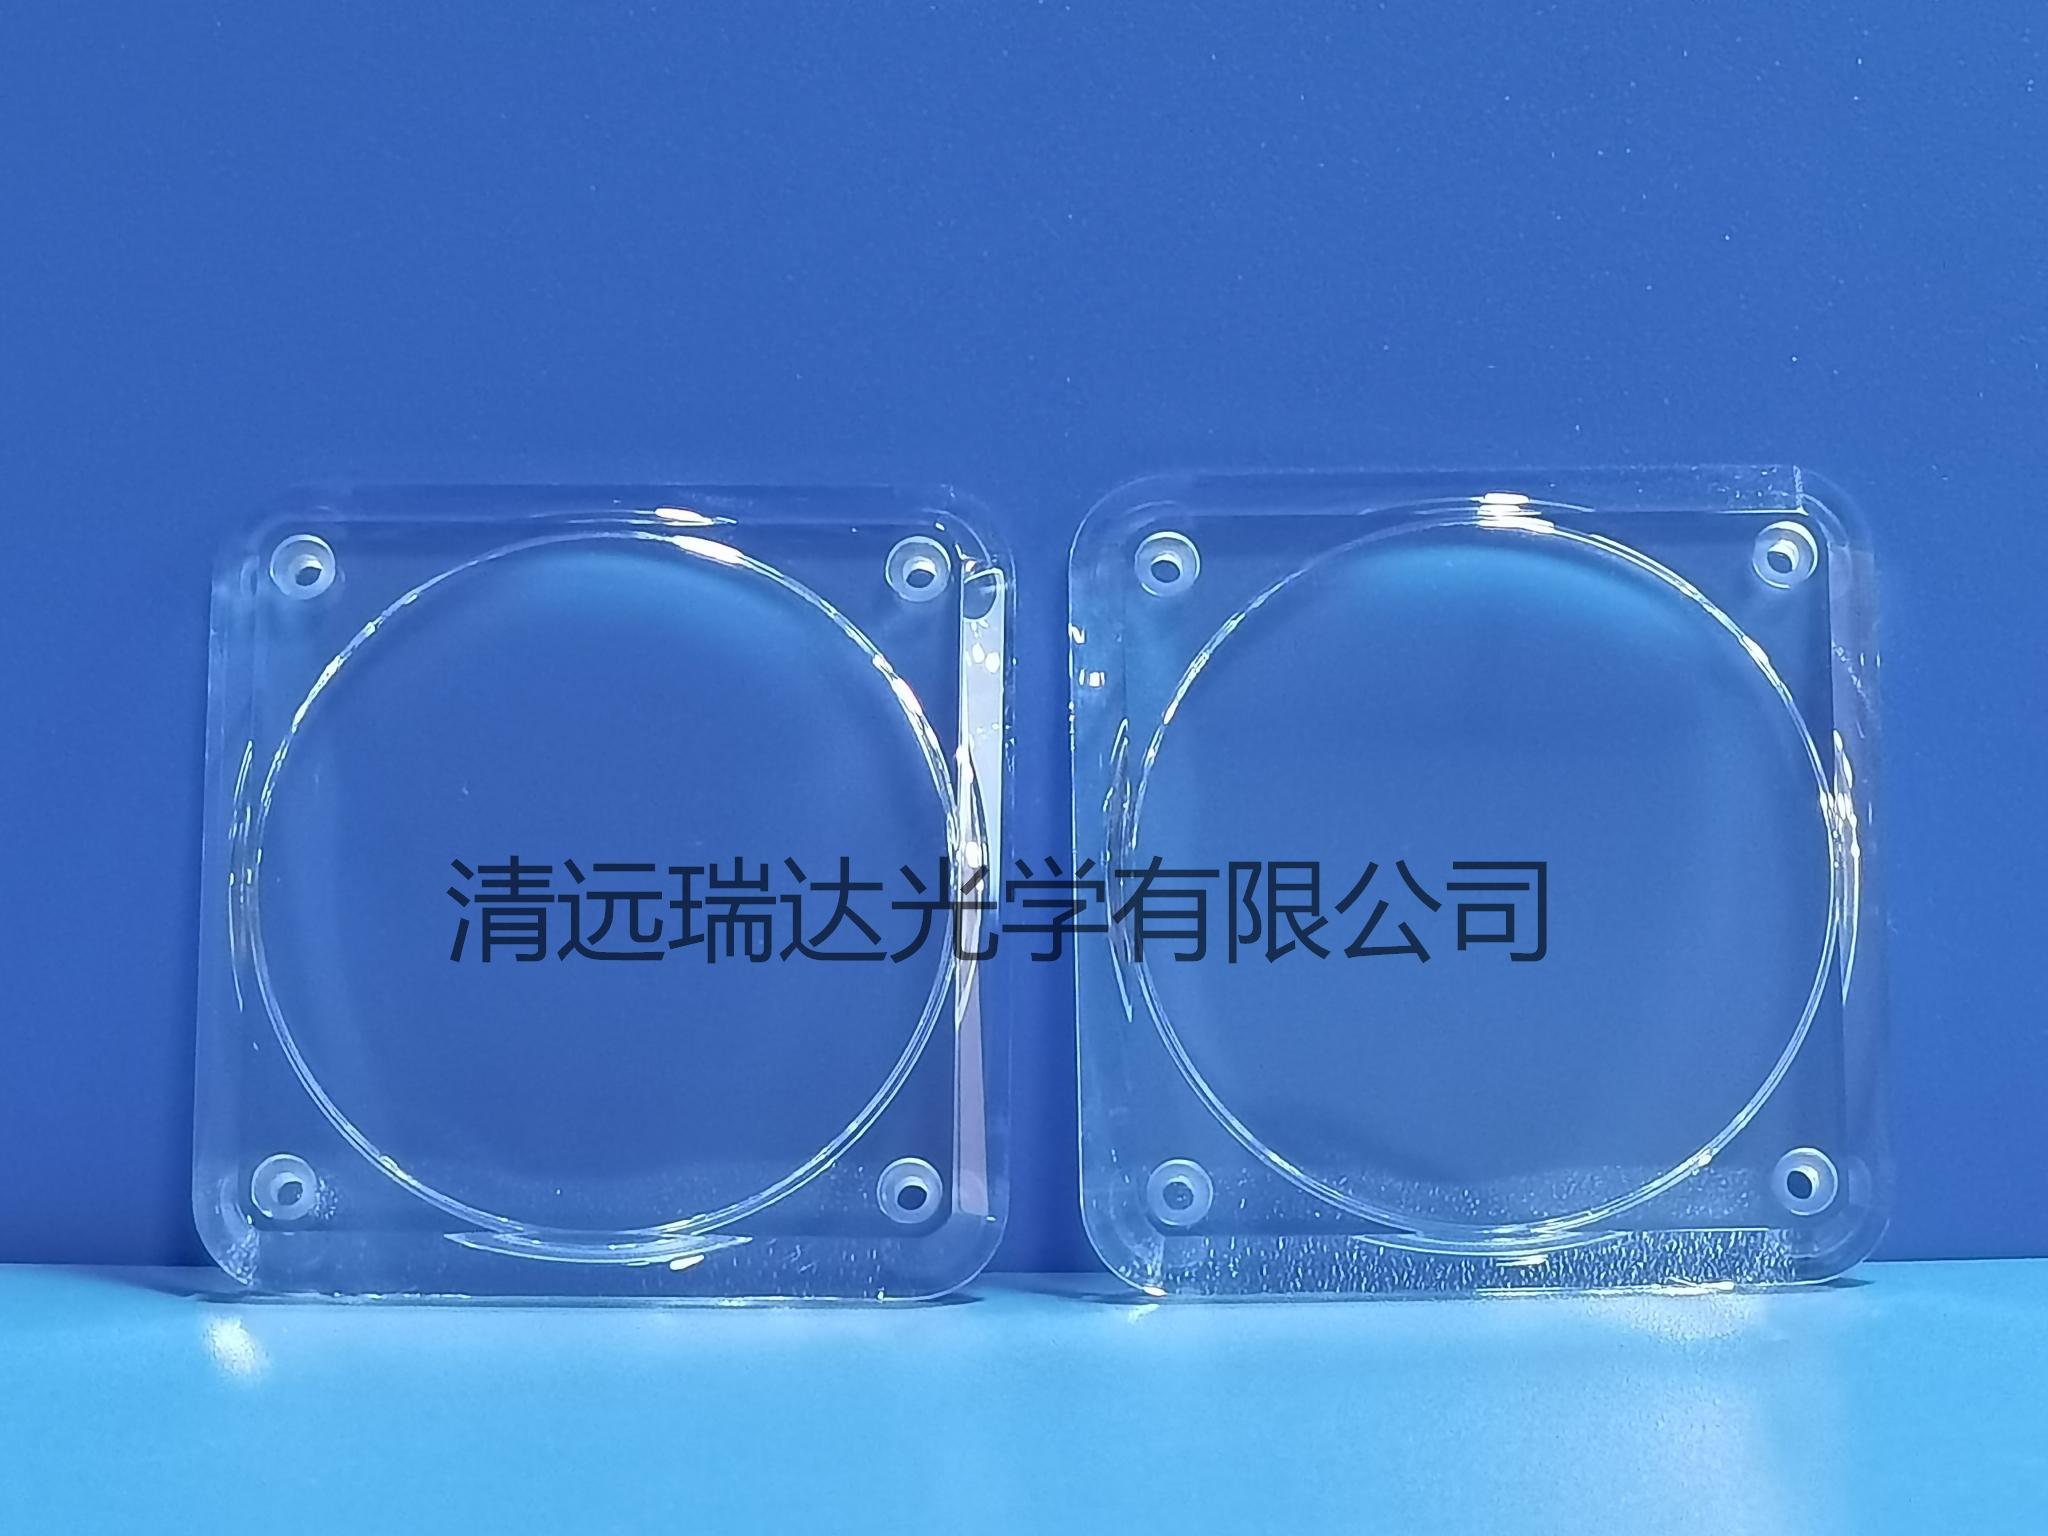 蓝宝石玻璃加工玻璃手表表壳定制 3